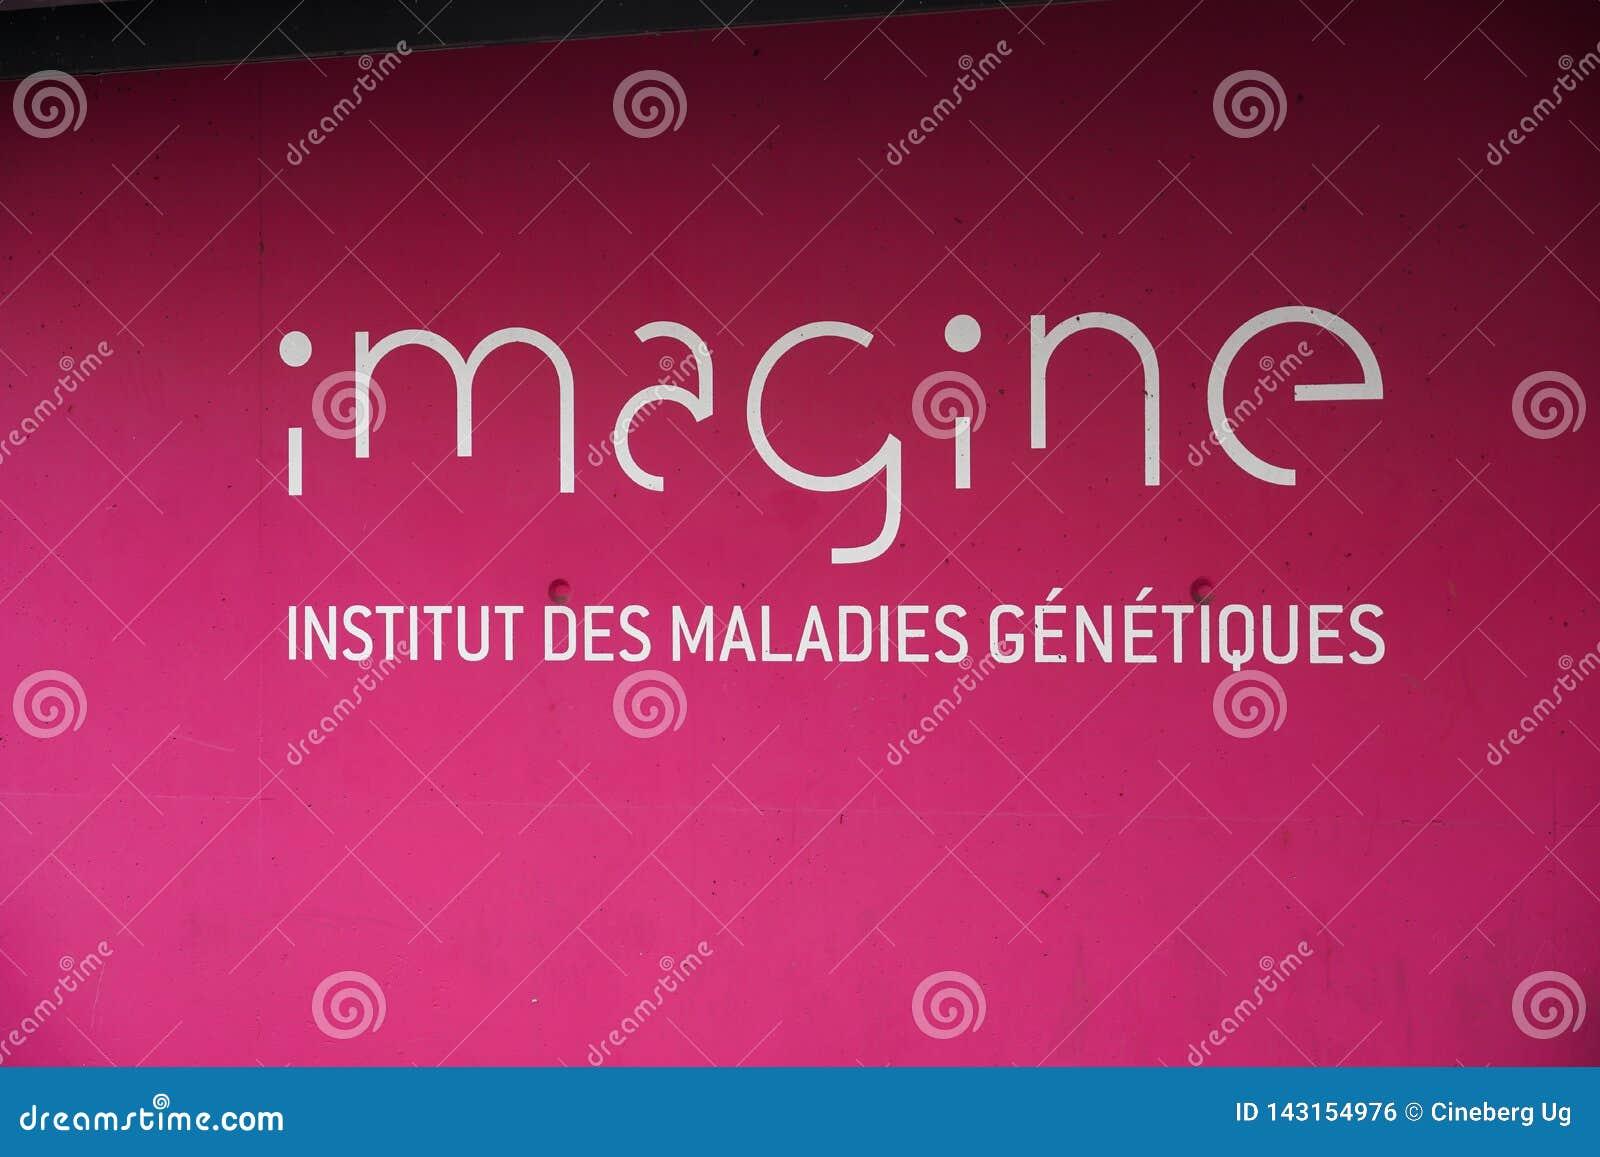 French Institut Imagine